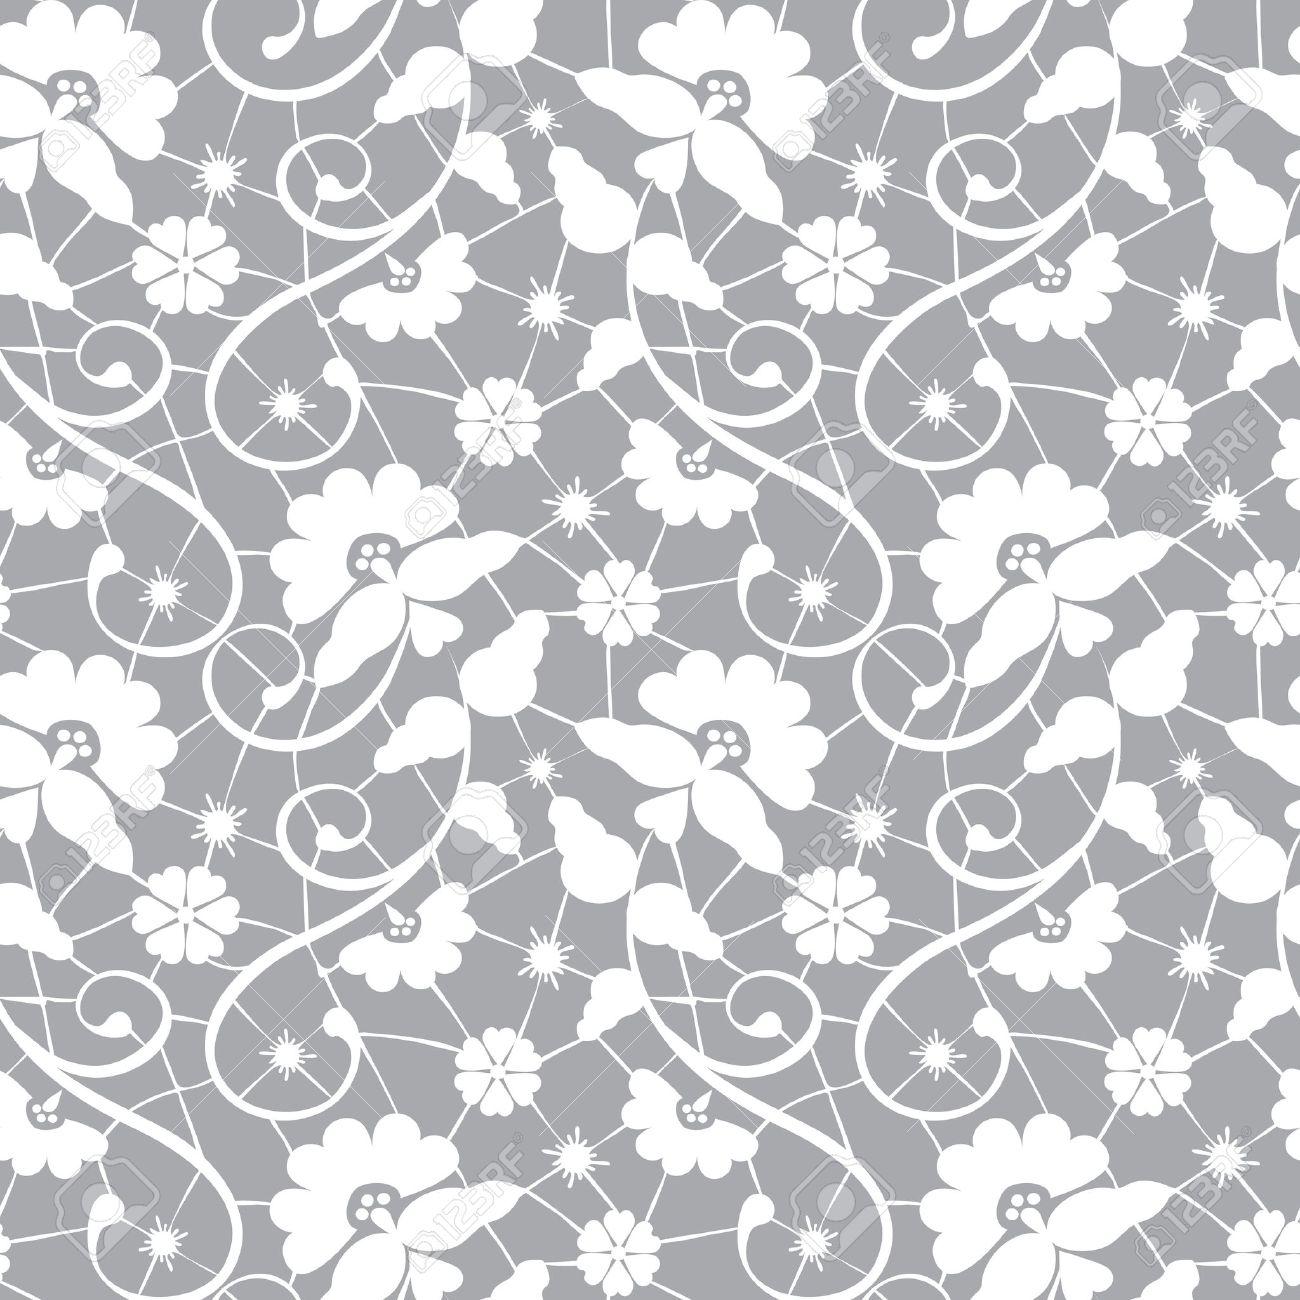 ef8ba6bcc Foto de archivo - Seamless patrón floral de encaje blanco sobre fondo gris